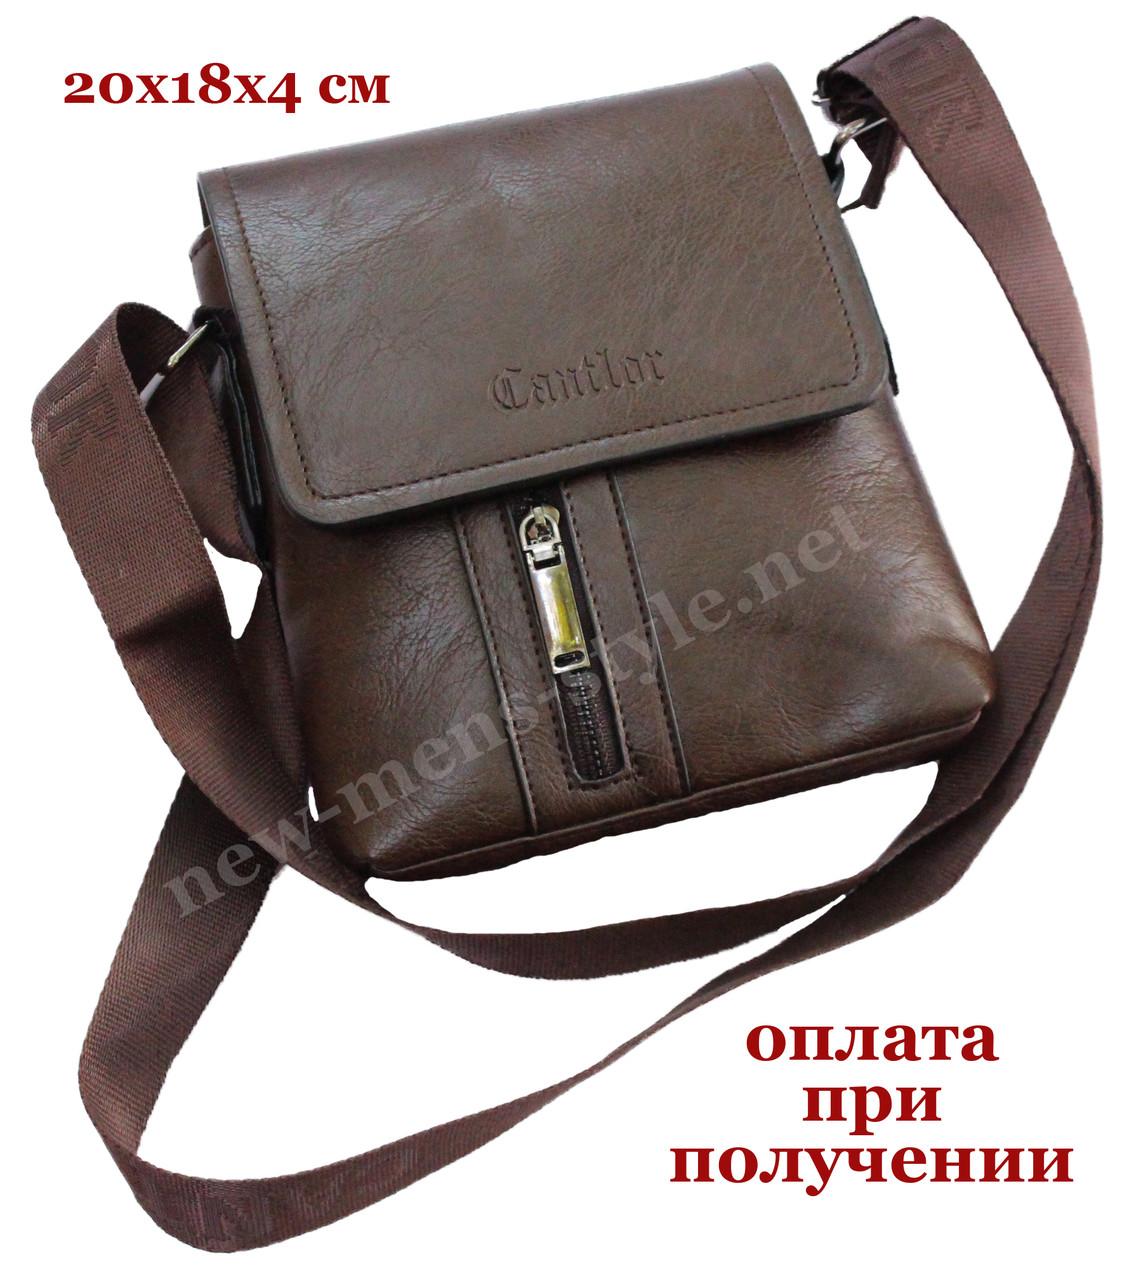 Чоловіча фірмова чоловіча шкіряна сумка барсетка барсетка через плече Cantlor